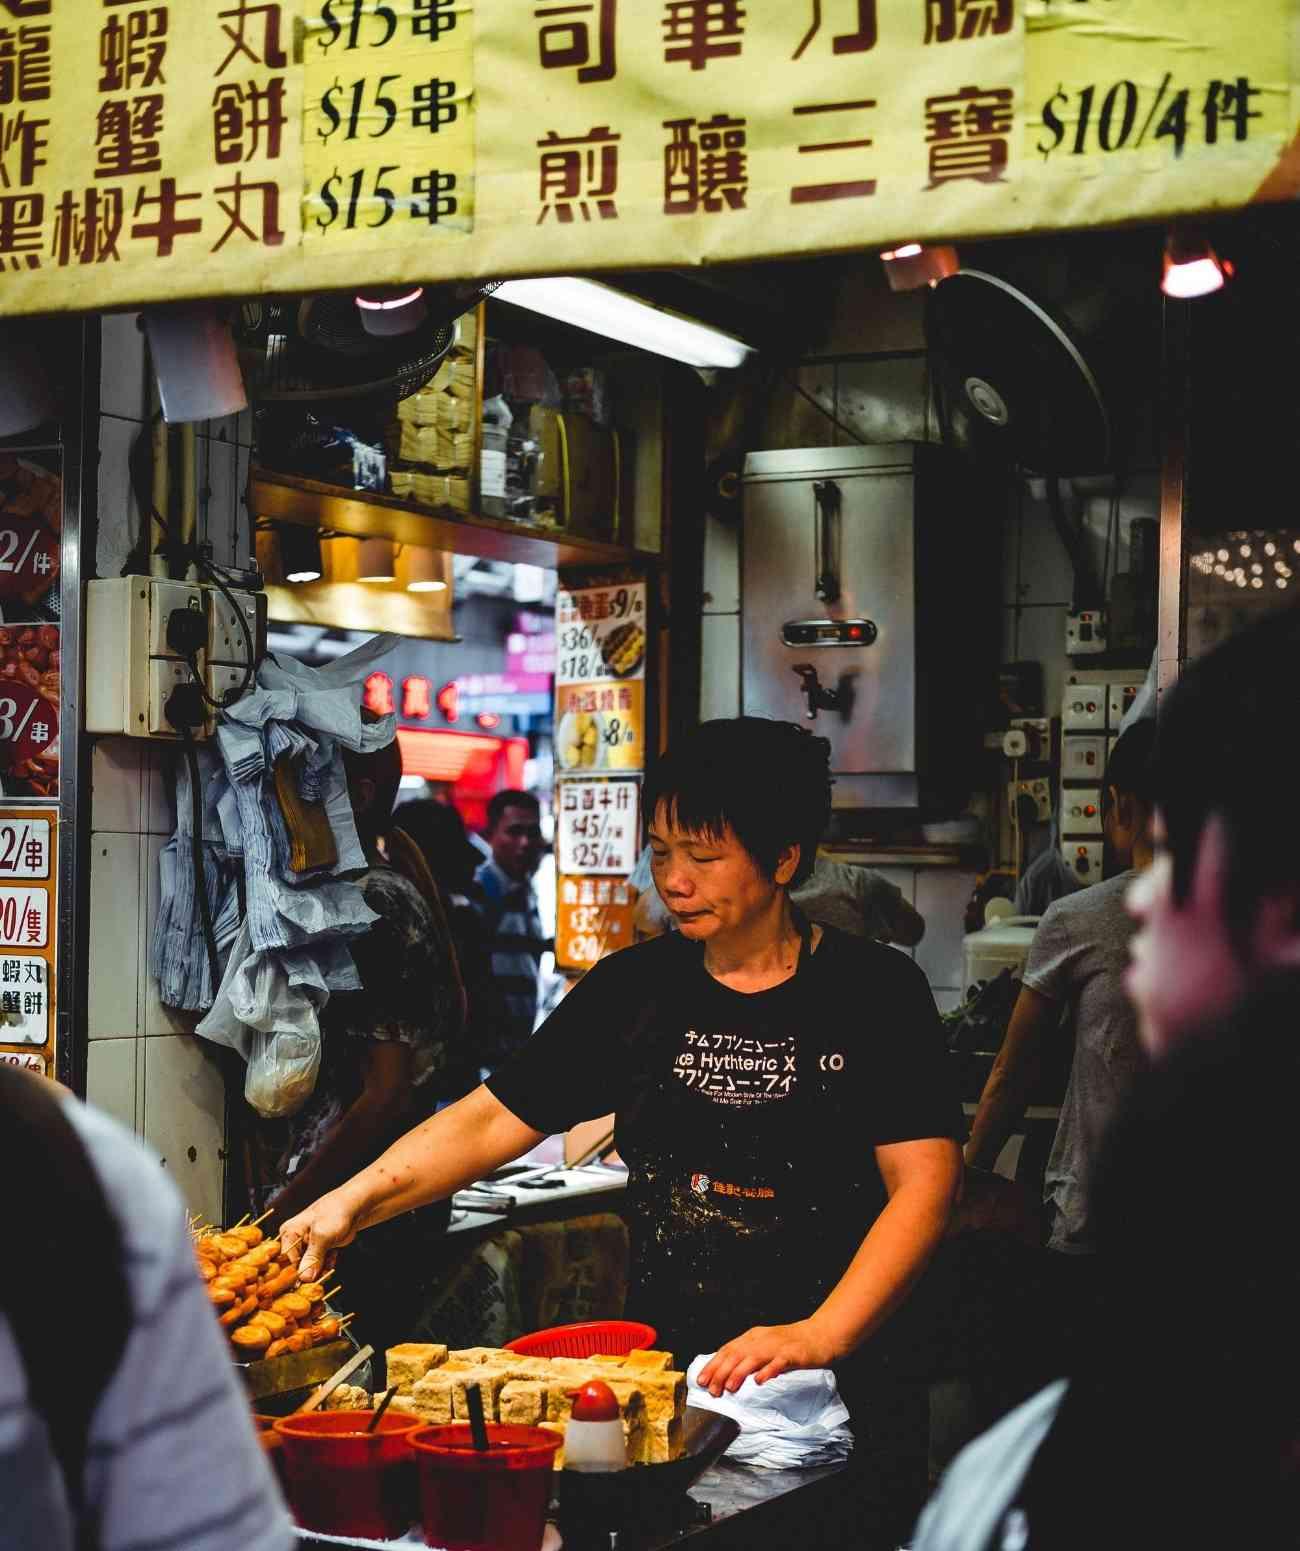 cheap food in hong kong